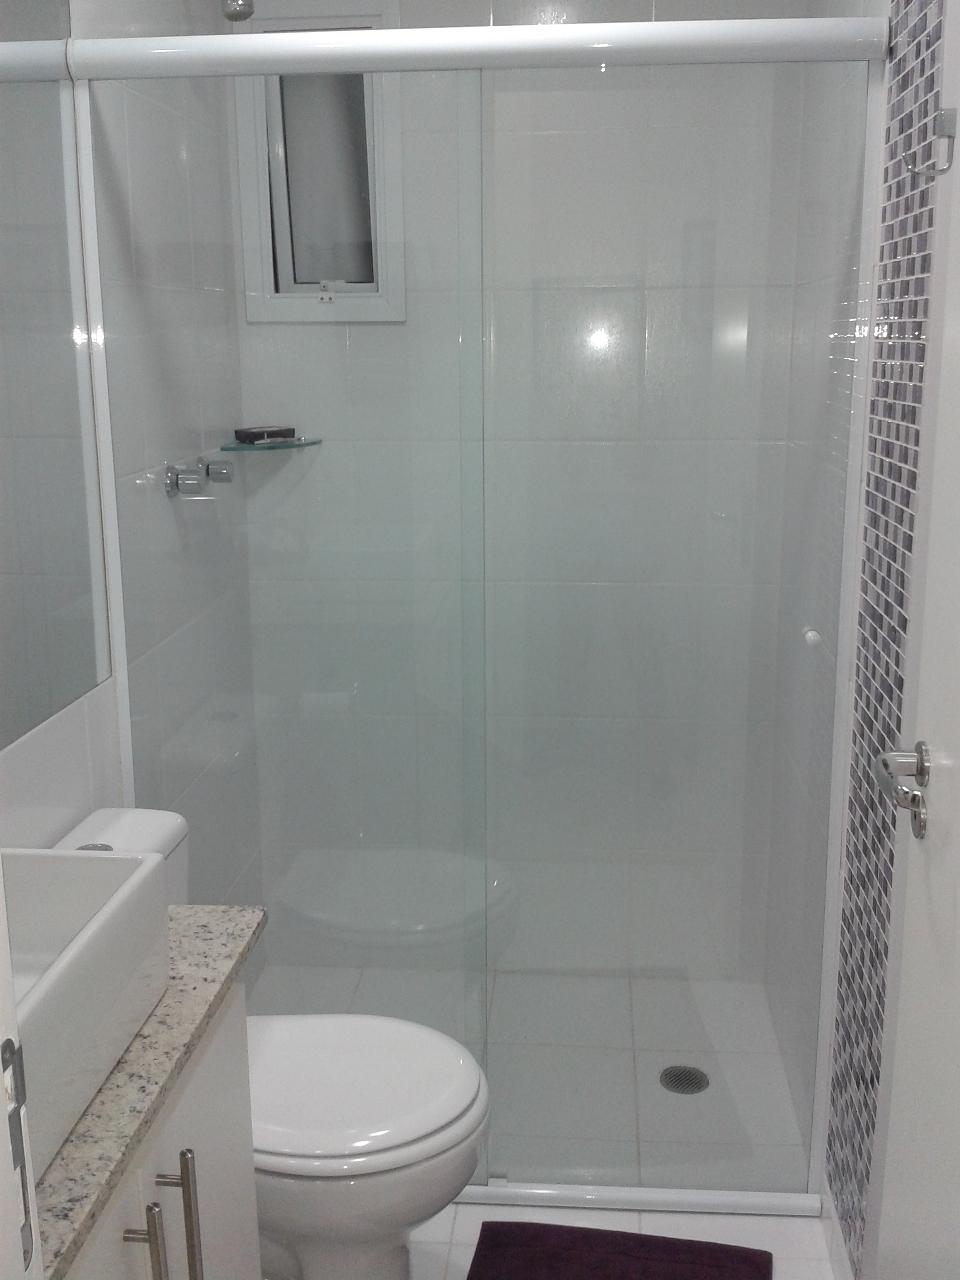 Favoritos Box de Vidro Para Banheiro - Zona Norte, São Paulo - SP FY45